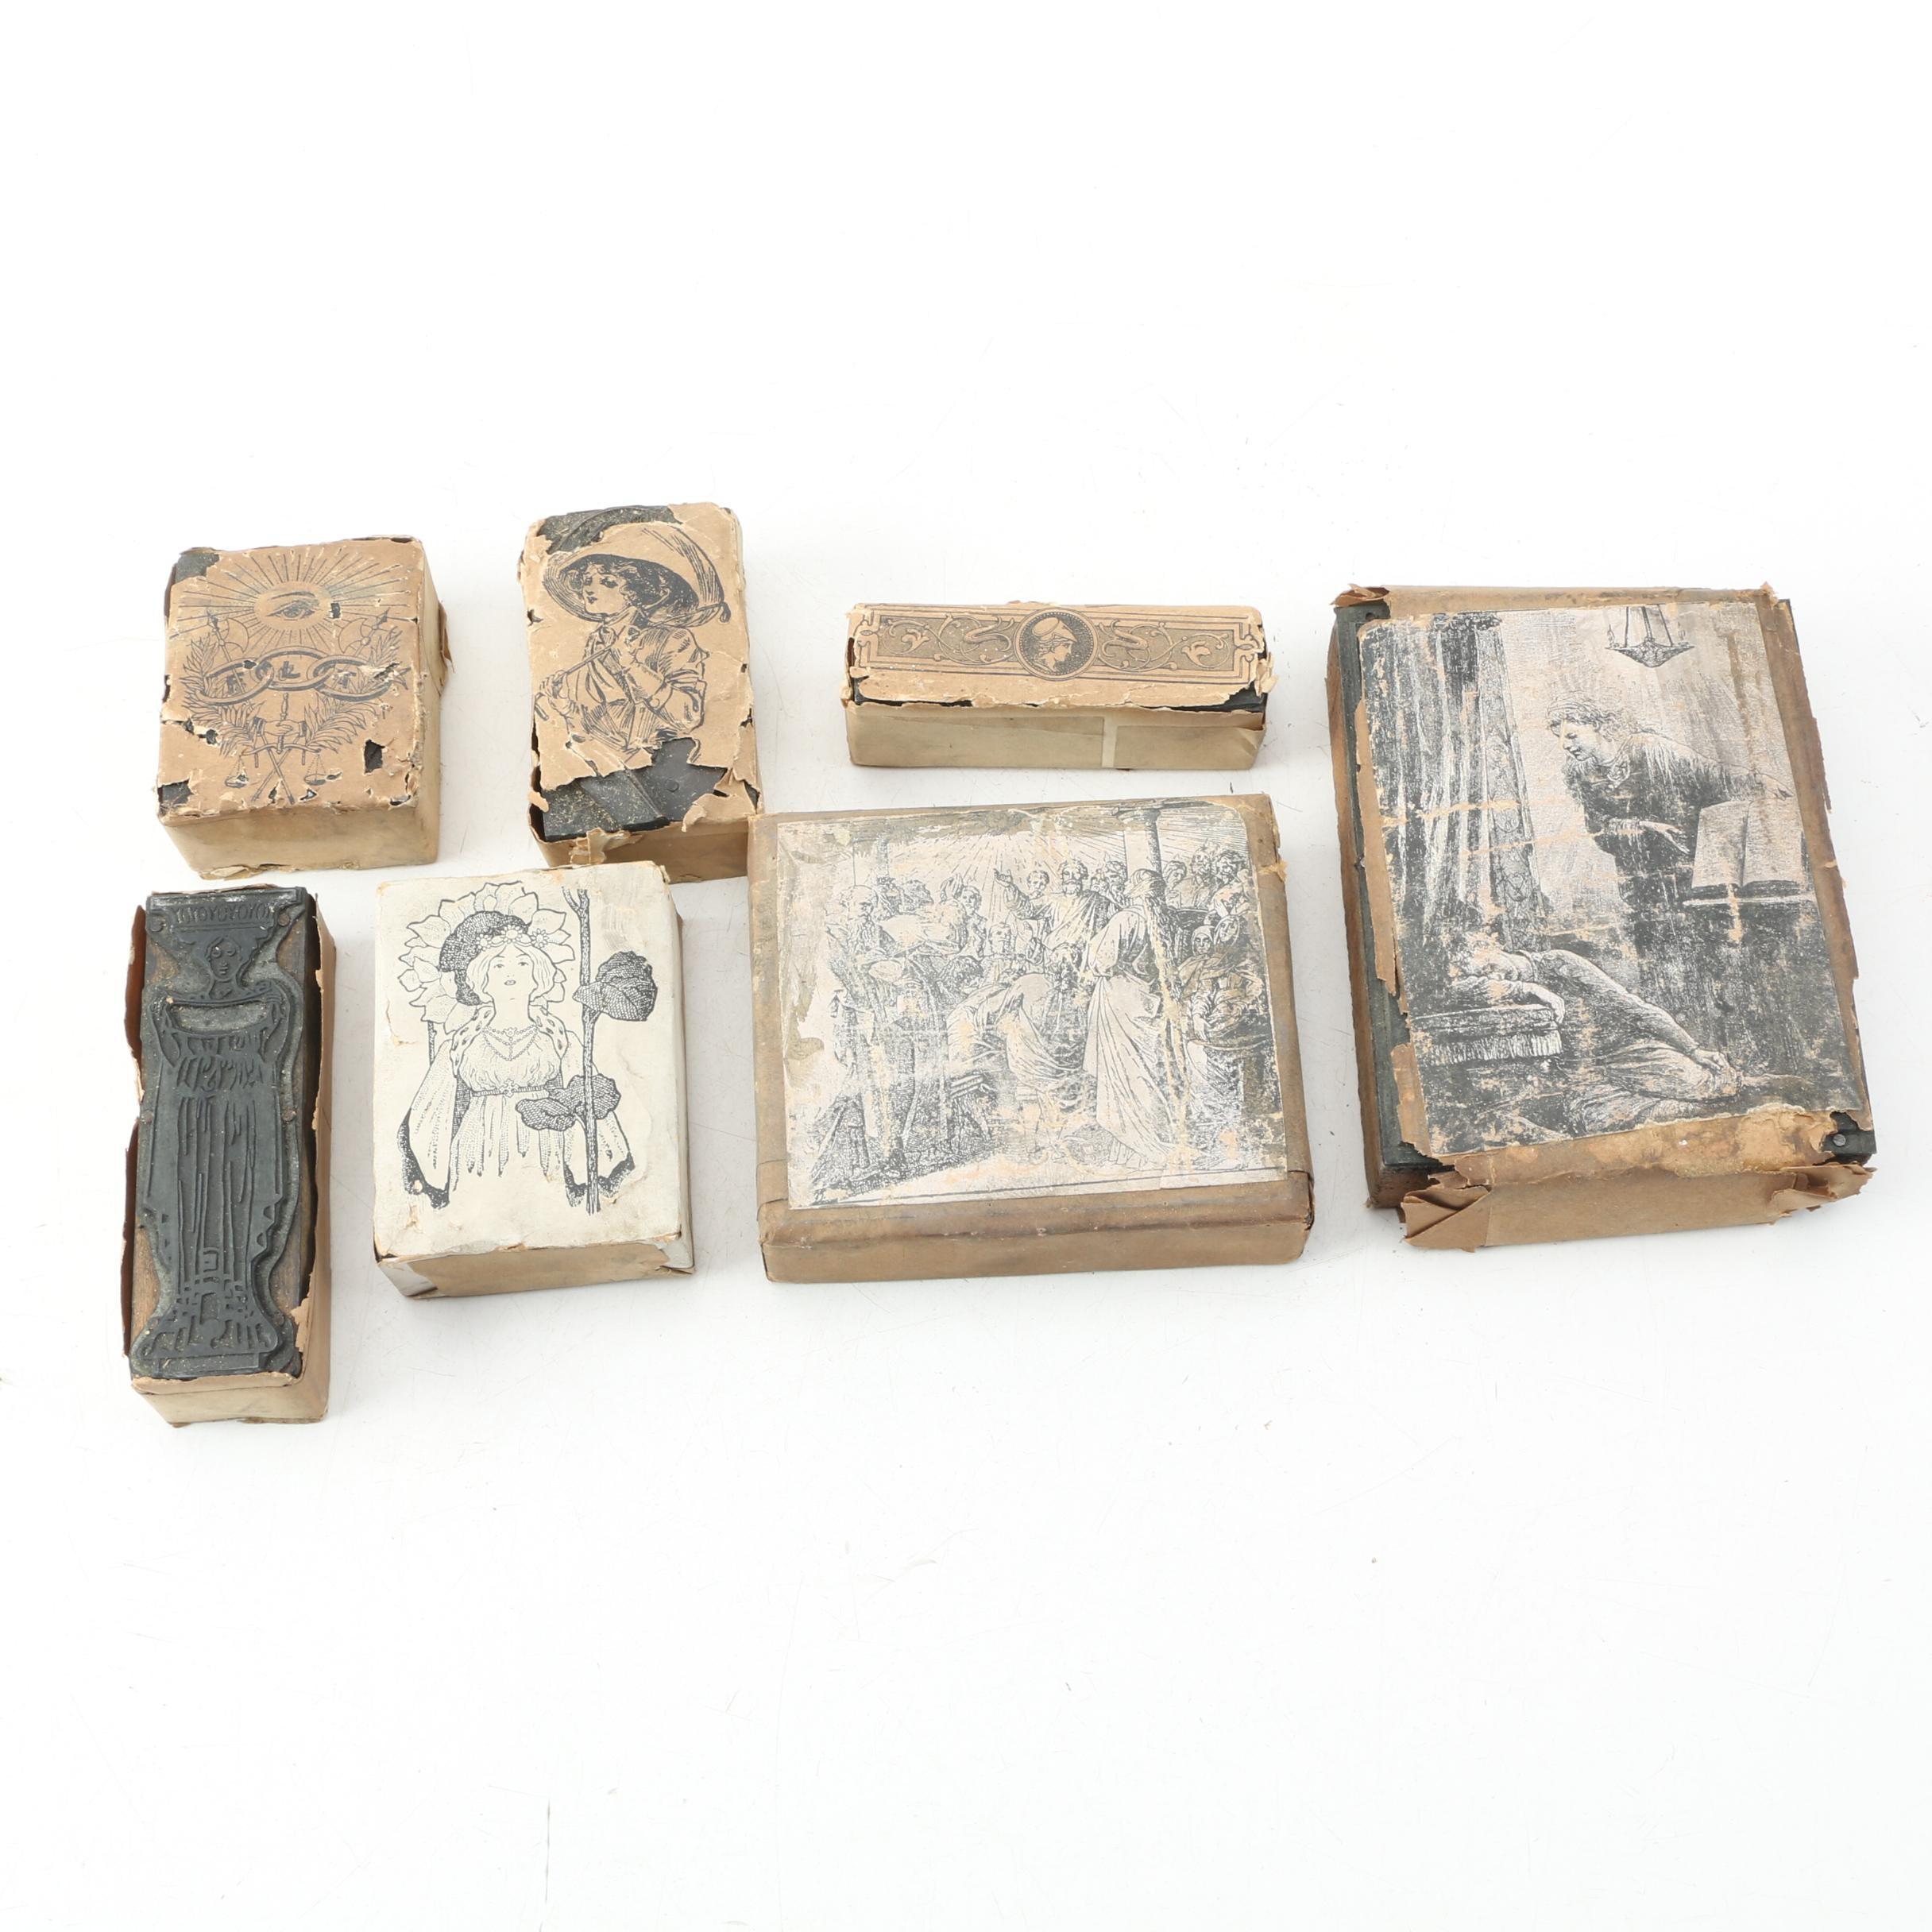 Antique Letterpress Image Plates